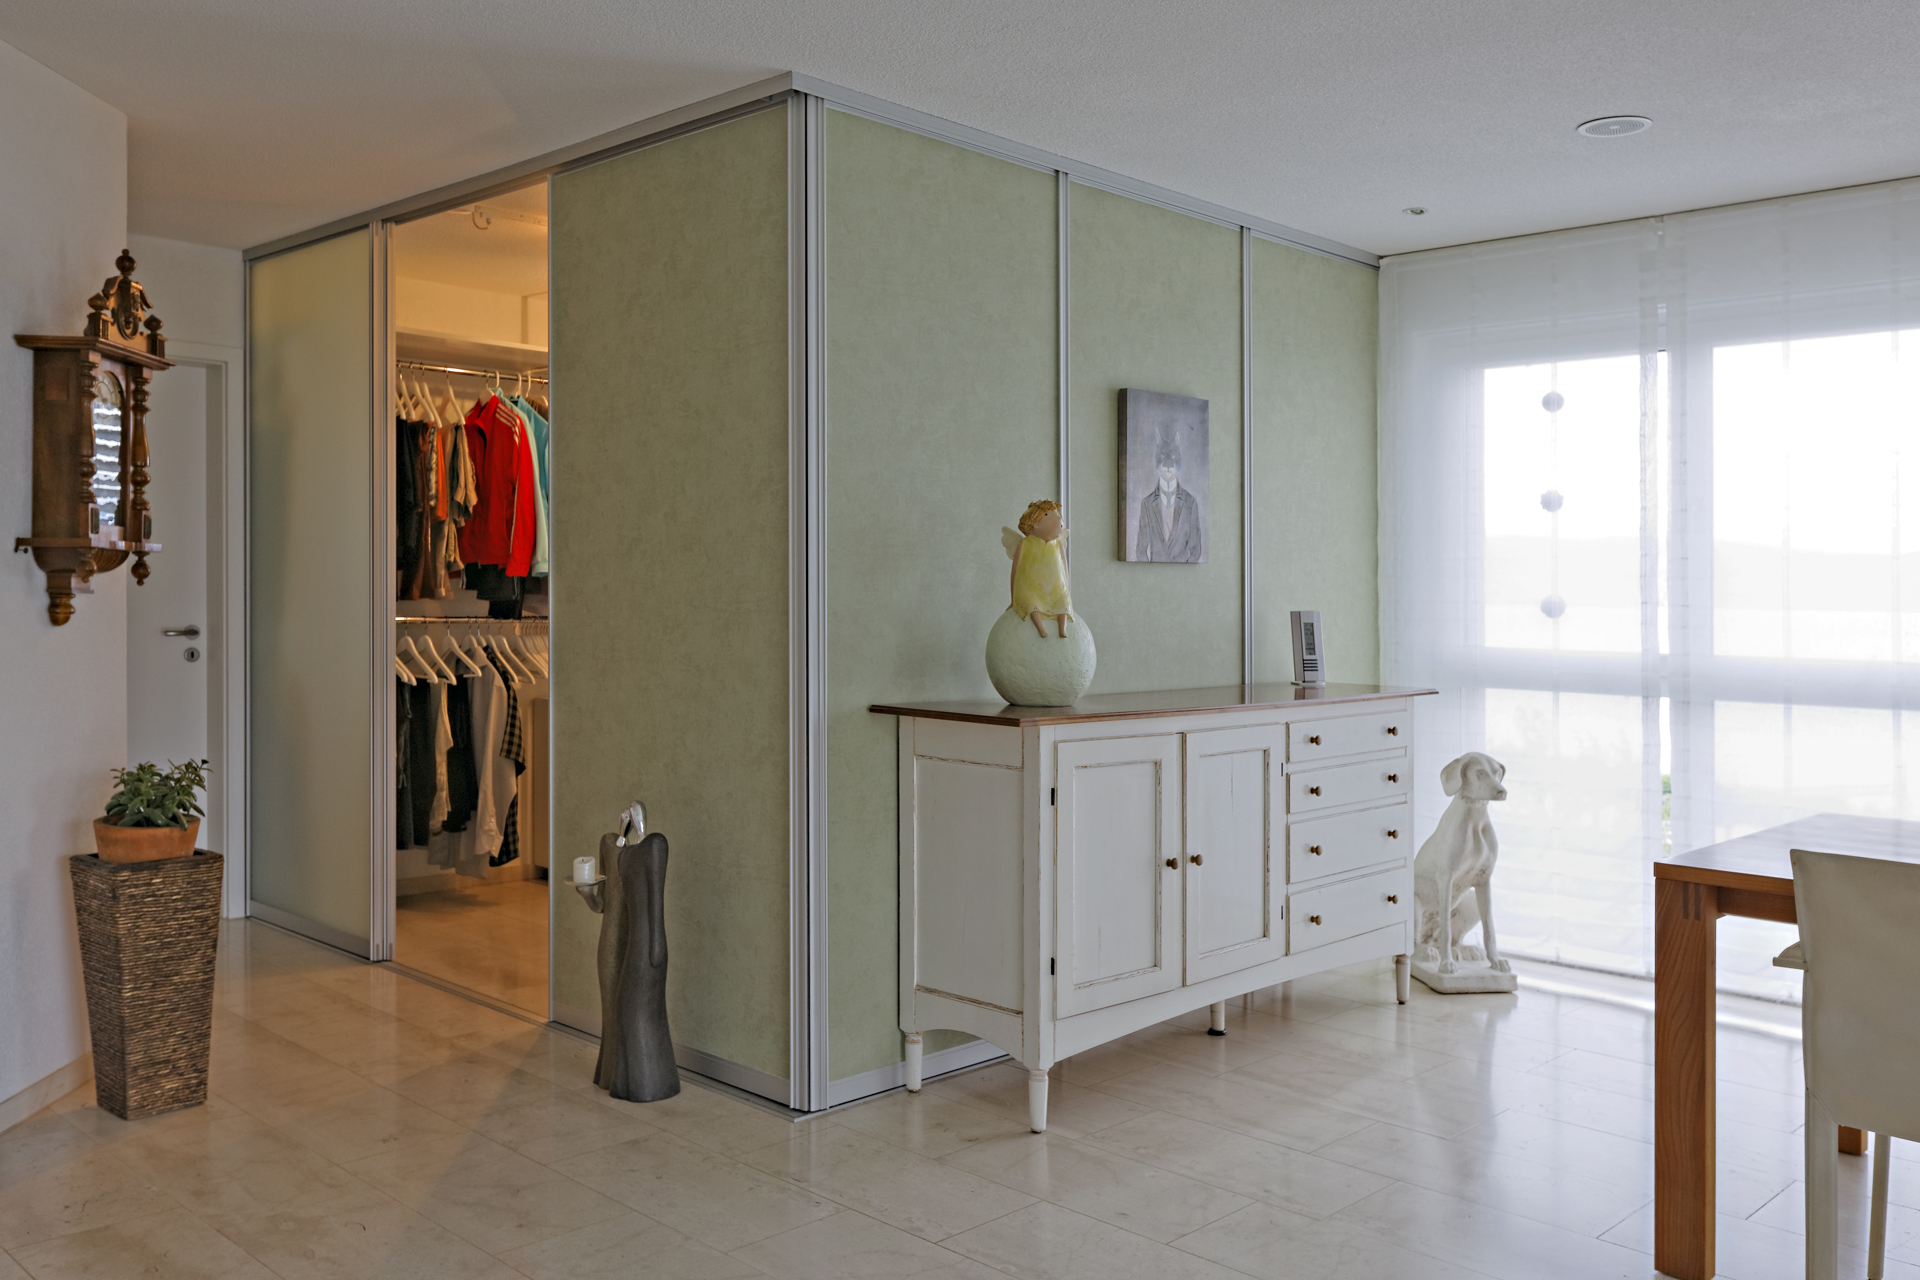 nachtr glich eingebautes ankleidezimmer in die bestehende wohnung auf zu. Black Bedroom Furniture Sets. Home Design Ideas